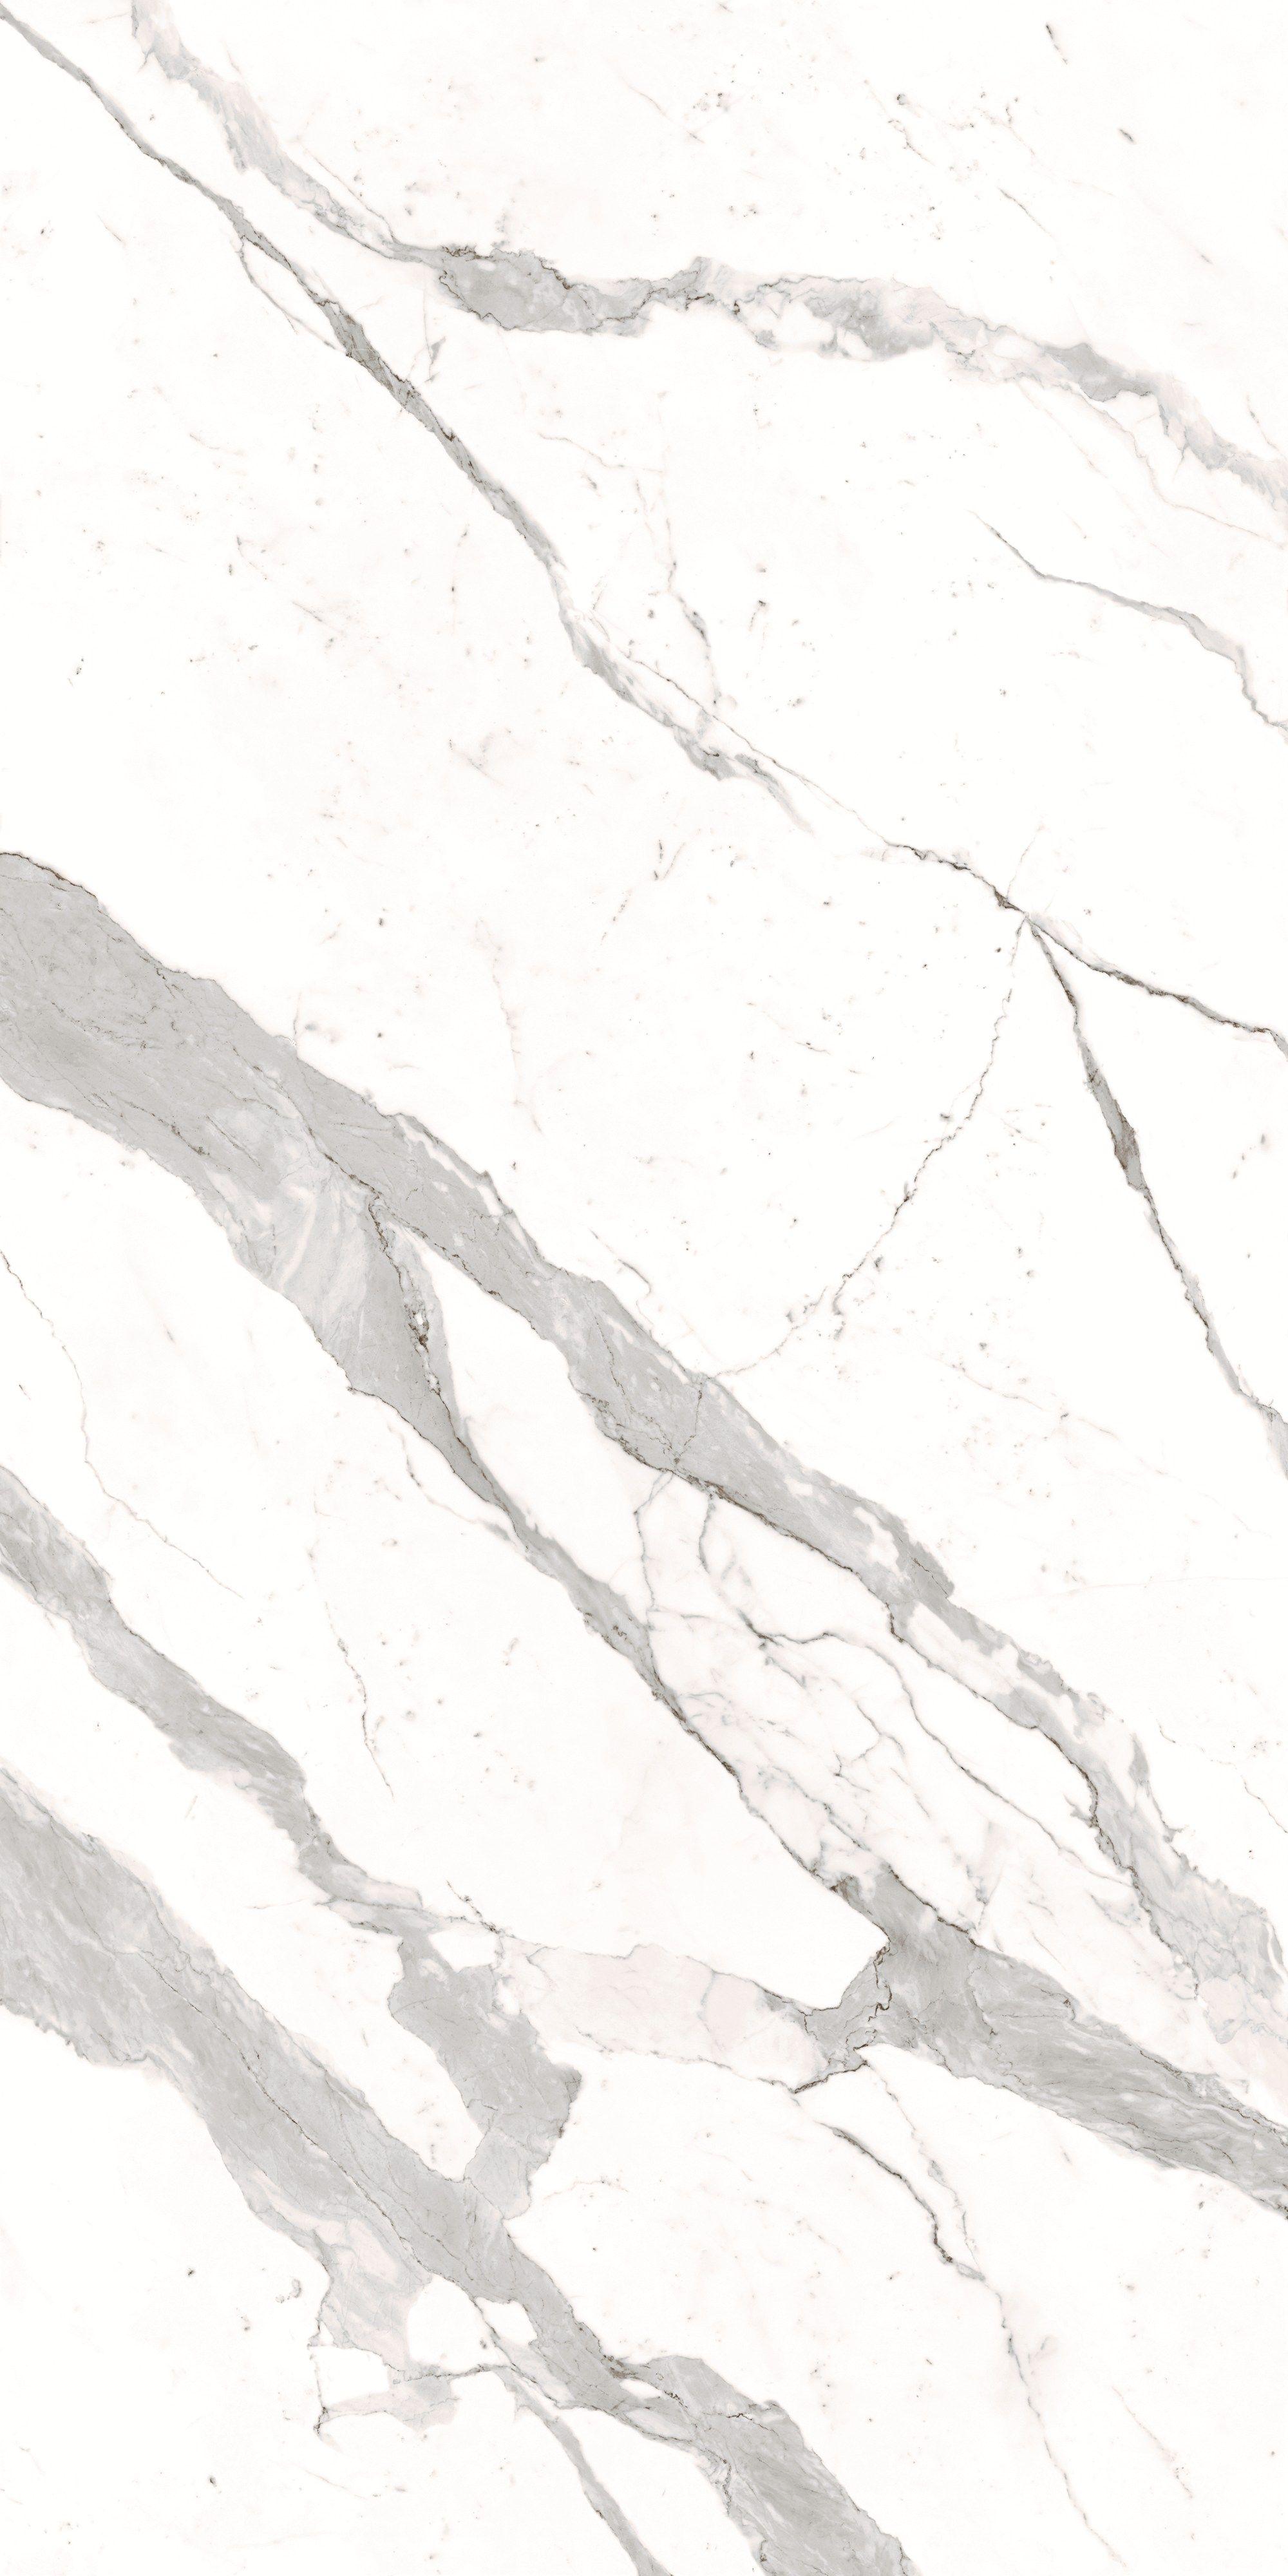 Cava Bianco Statuario Venato Faccia 5a Stone Texture